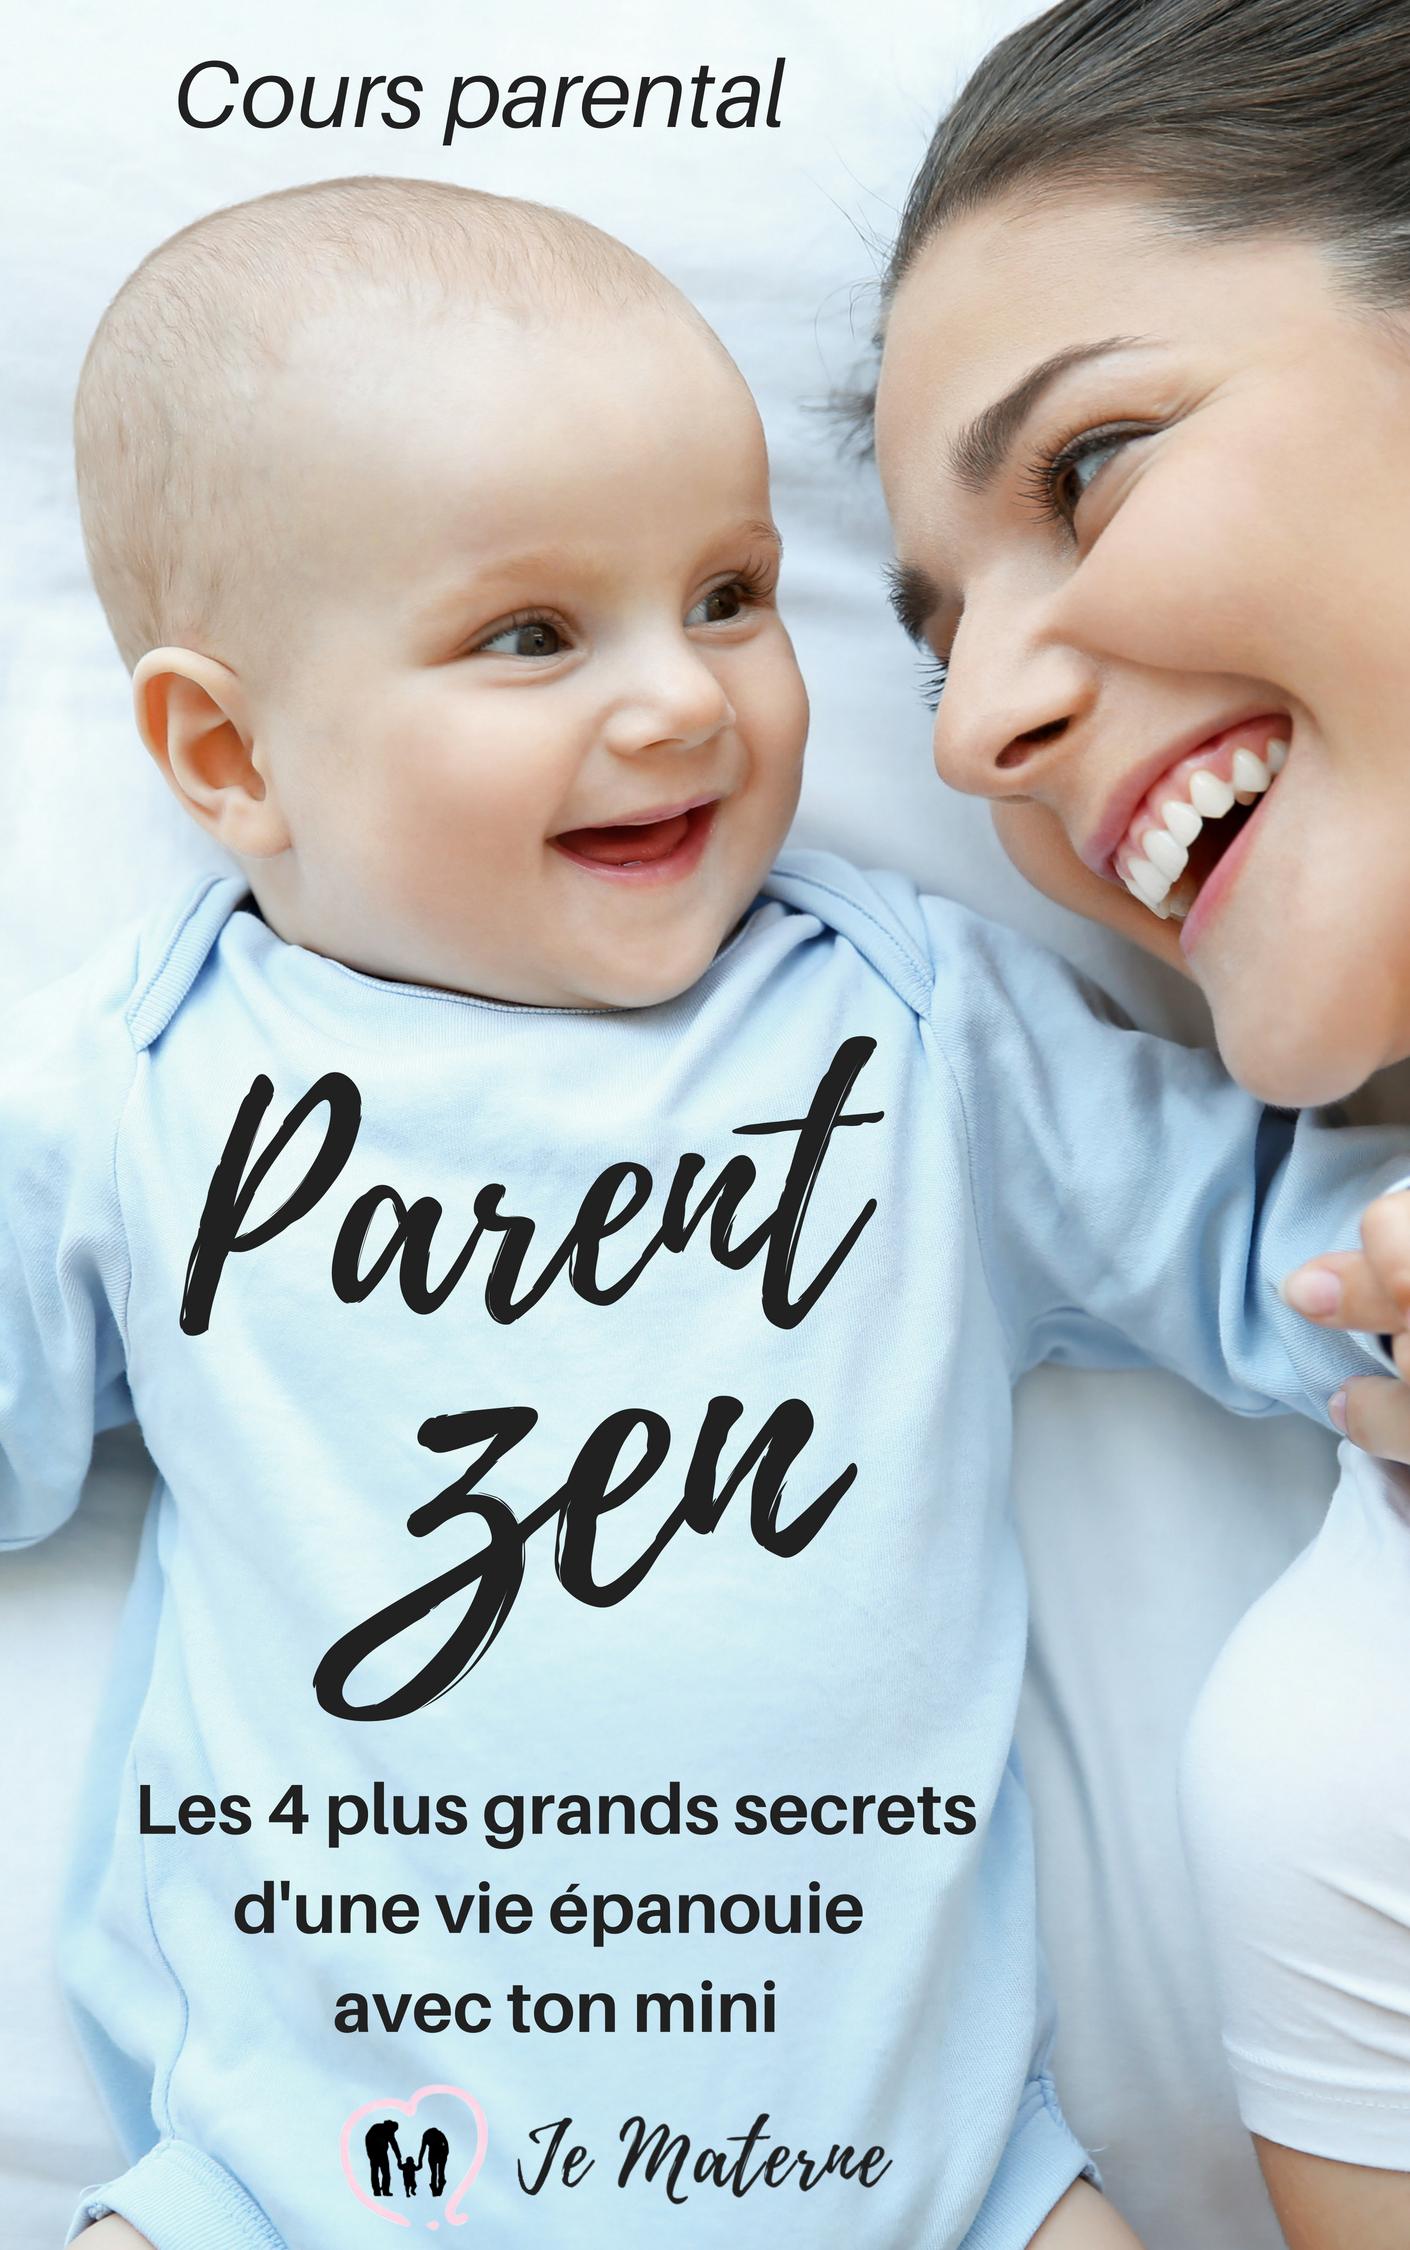 Cours Parent Zen - cours parental formation pour parent cododo portage crises désencombrement